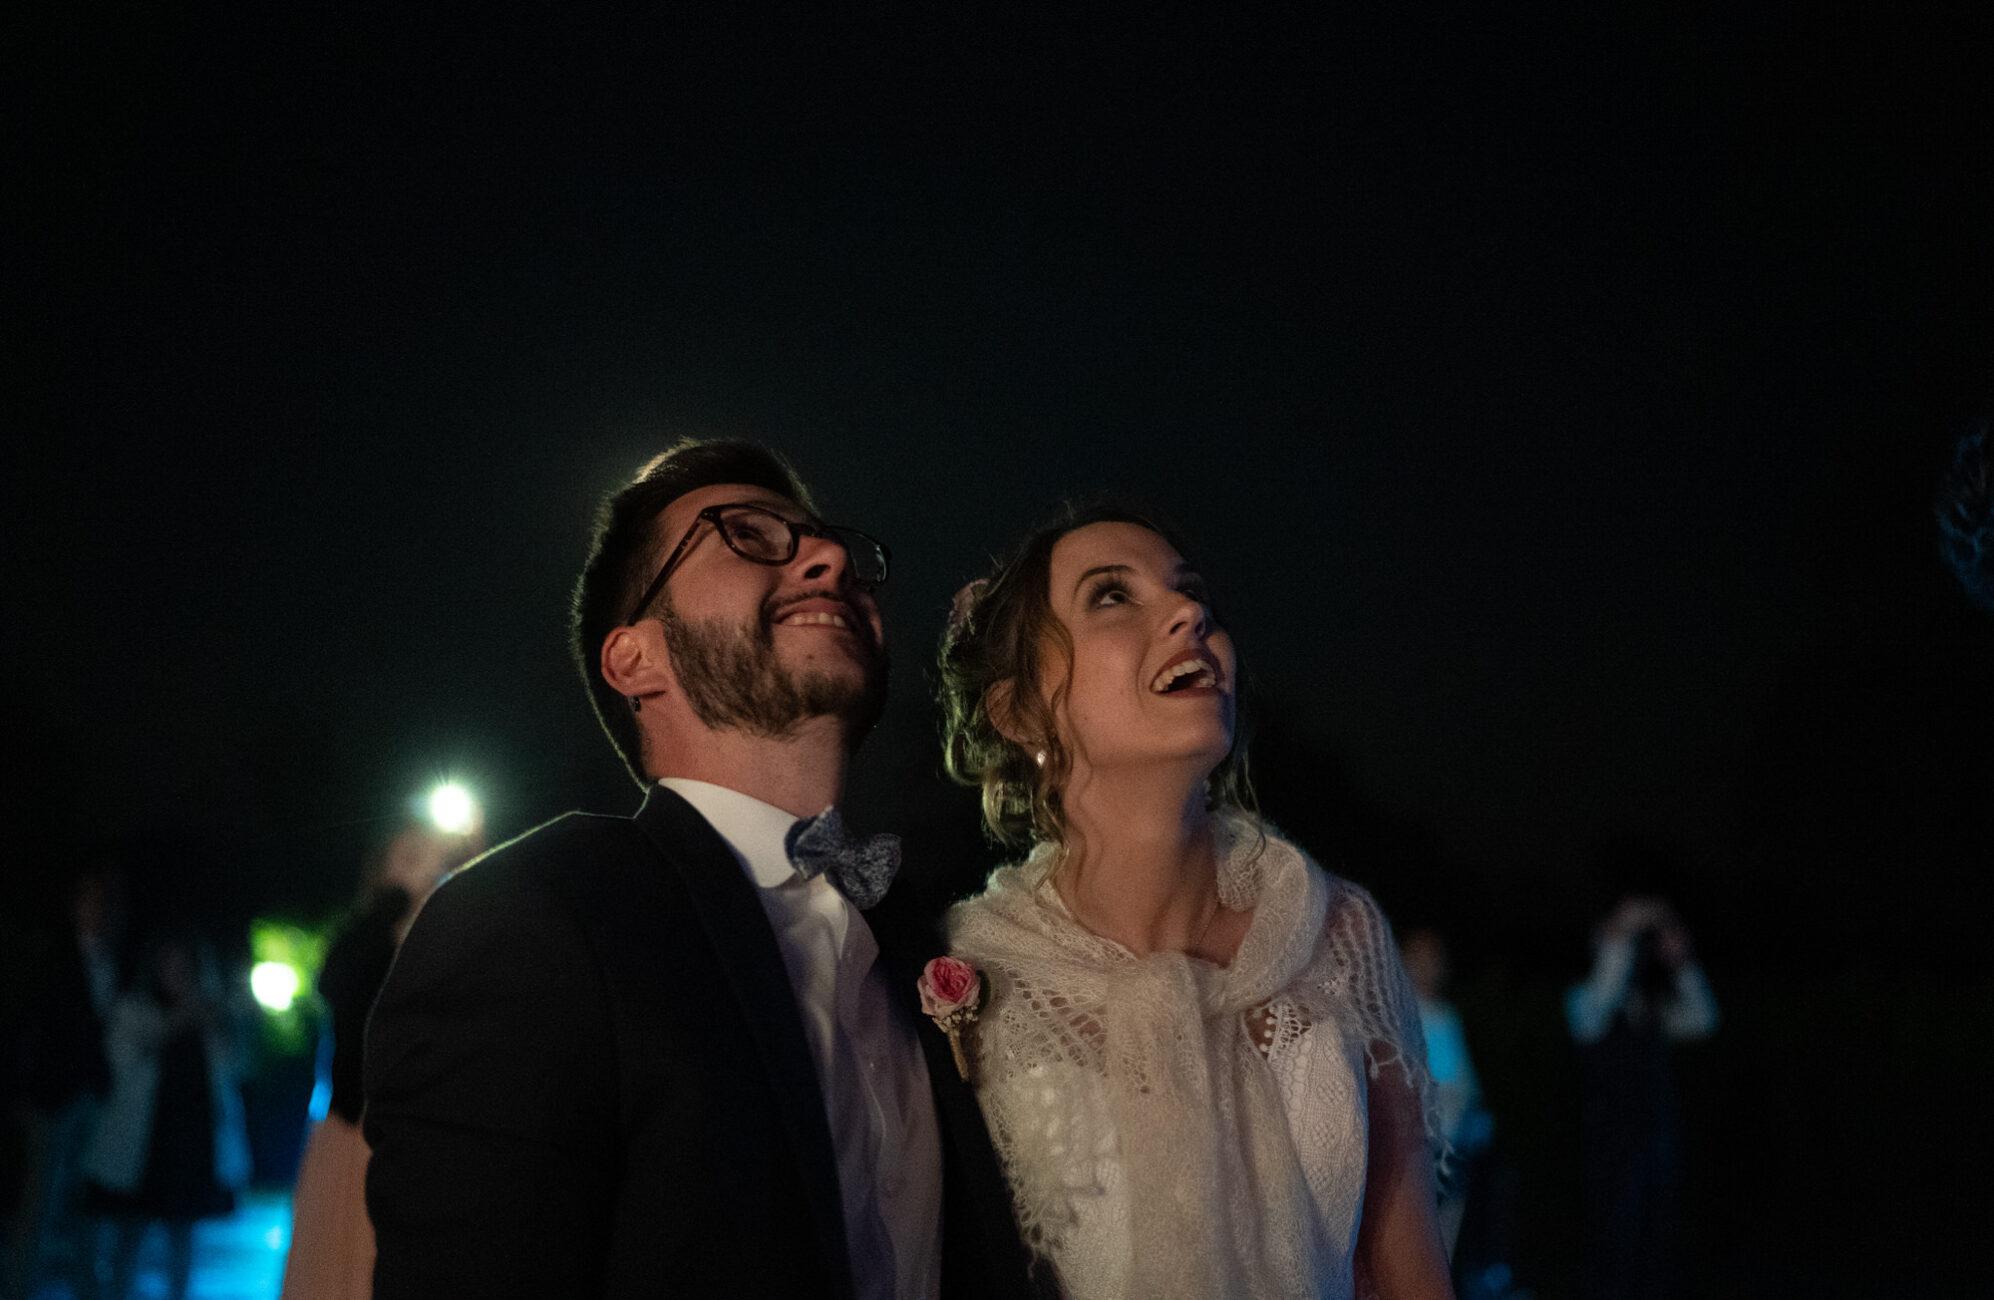 photo de mariage cérémonie laïque au Manoir de Kerhuel à Plounéour Lanvern - Antoine Borzeix photographe de mariage à Quimper